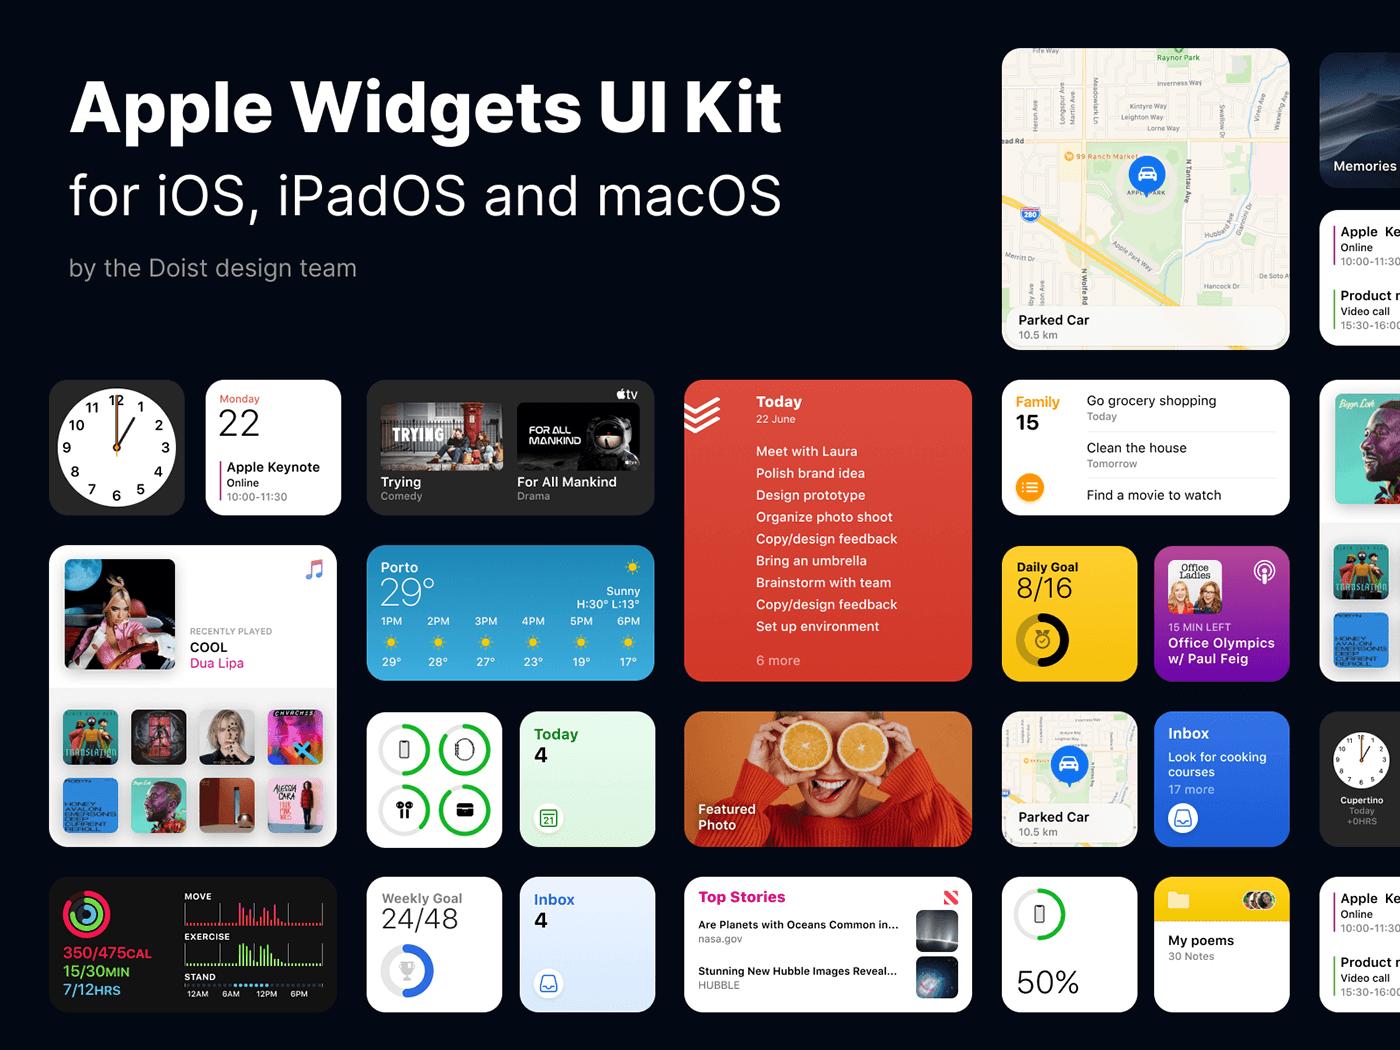 Widget size